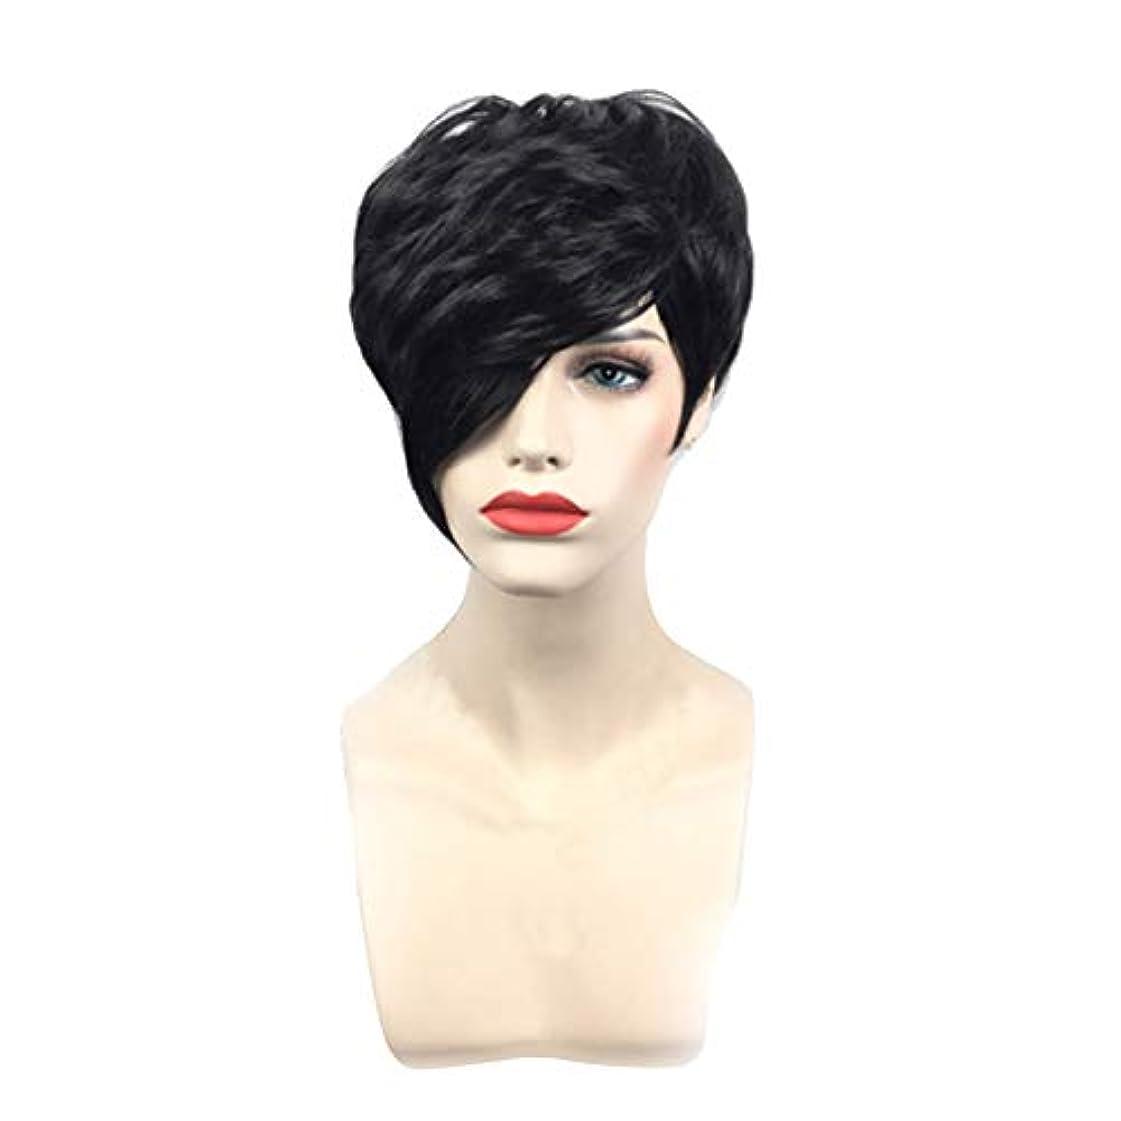 広告金曜日彫刻家黒の短いストレートヘアフルウィッグファッションコス小道具かつら